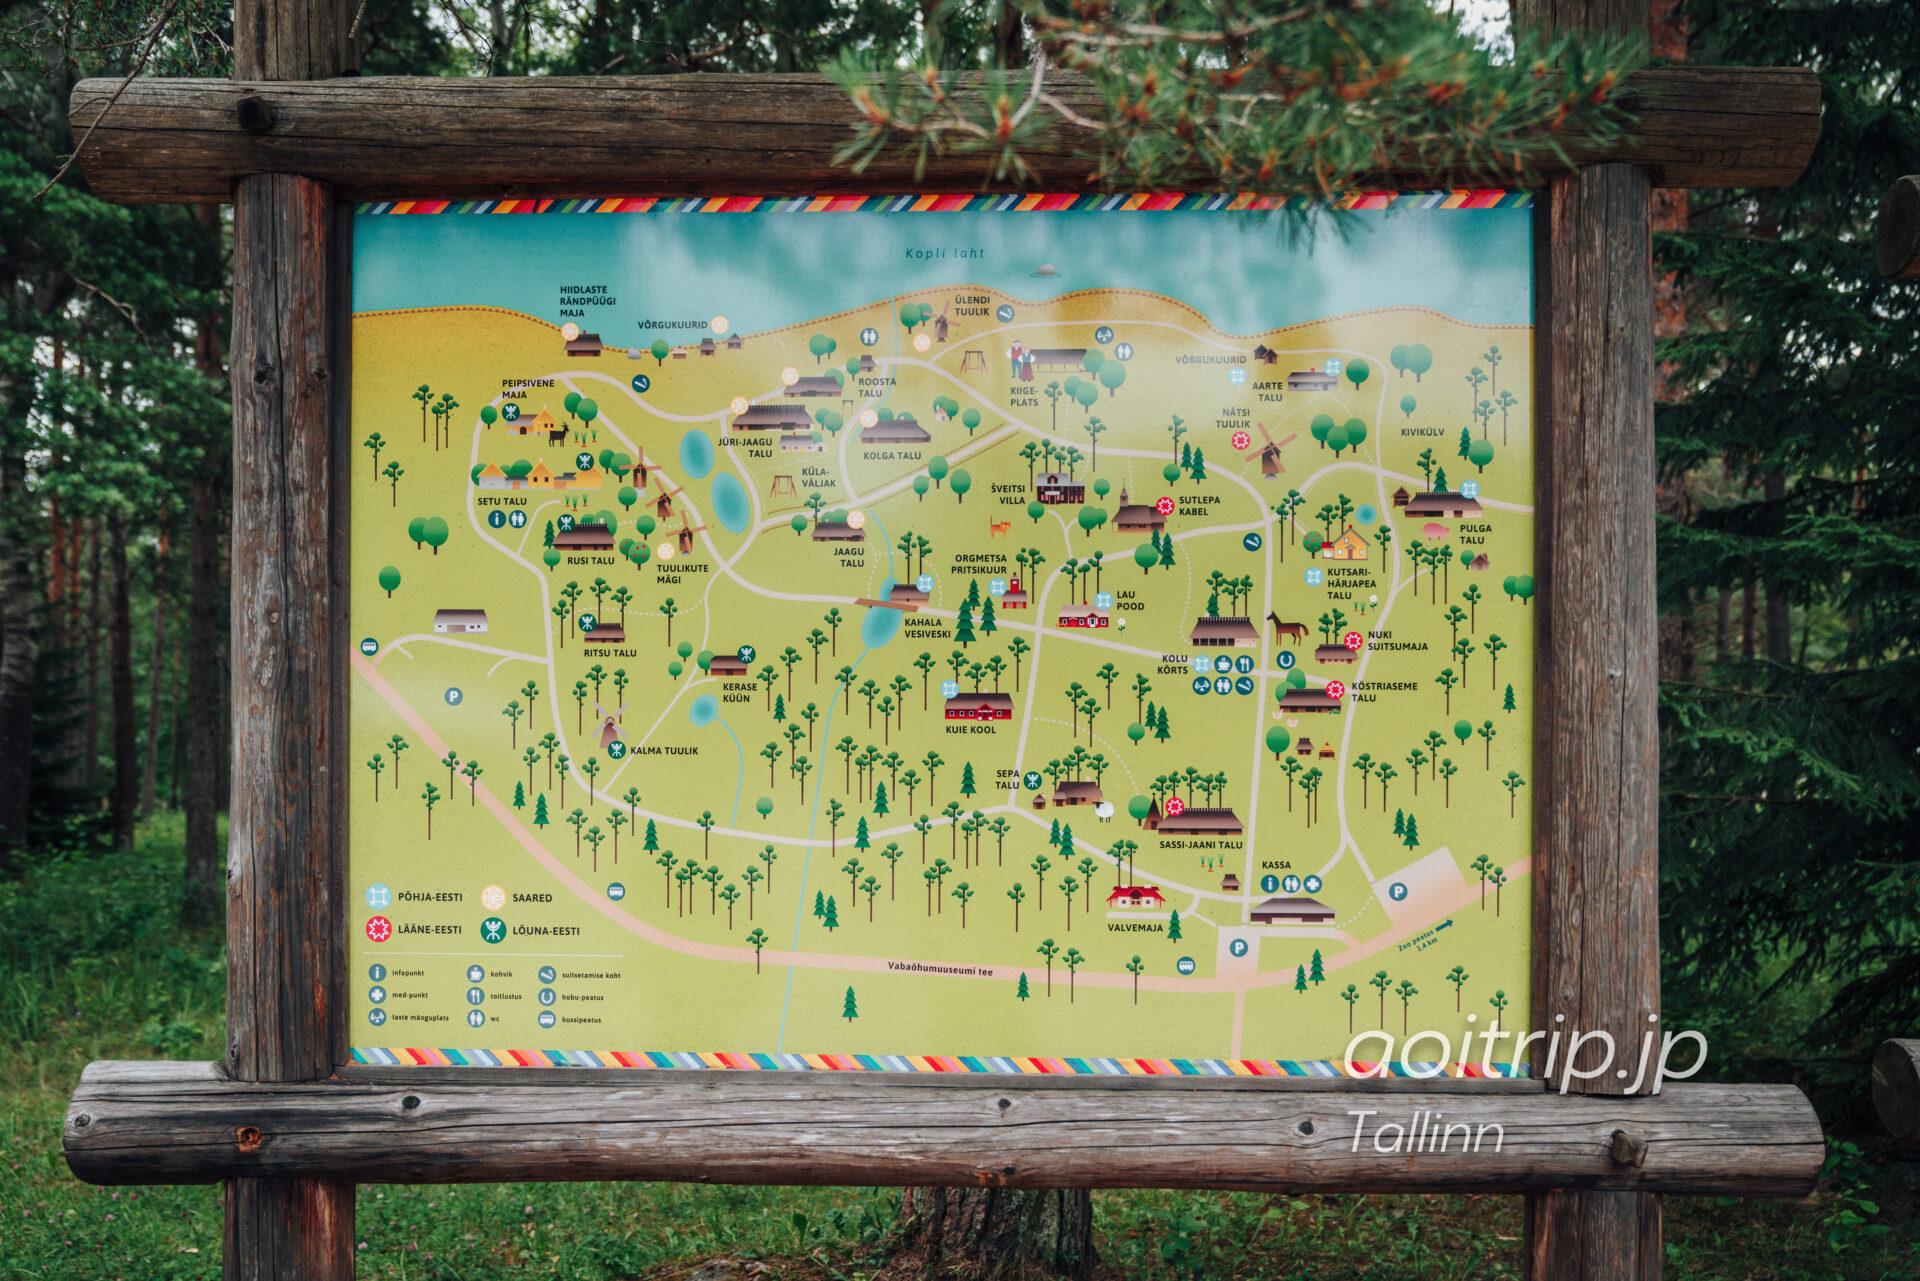 エストニア野外博物館の案内図